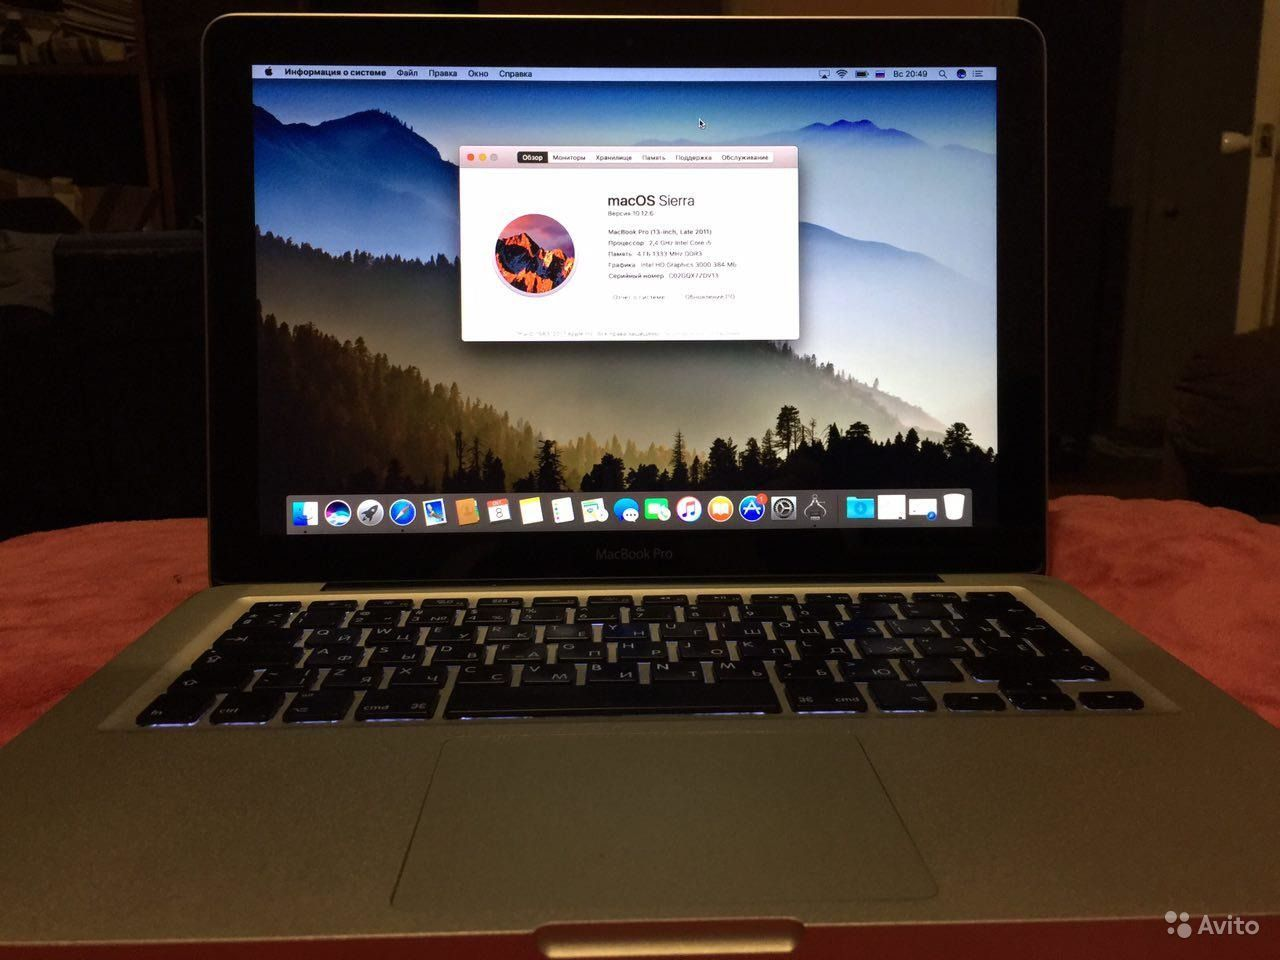 Macbook 13 late 2011